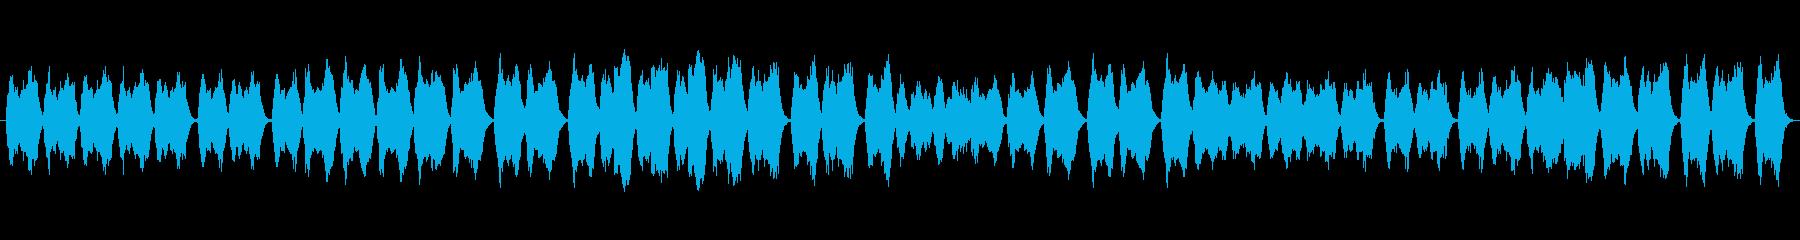 ファンタジー/RPG/海/船/旅/三拍子の再生済みの波形